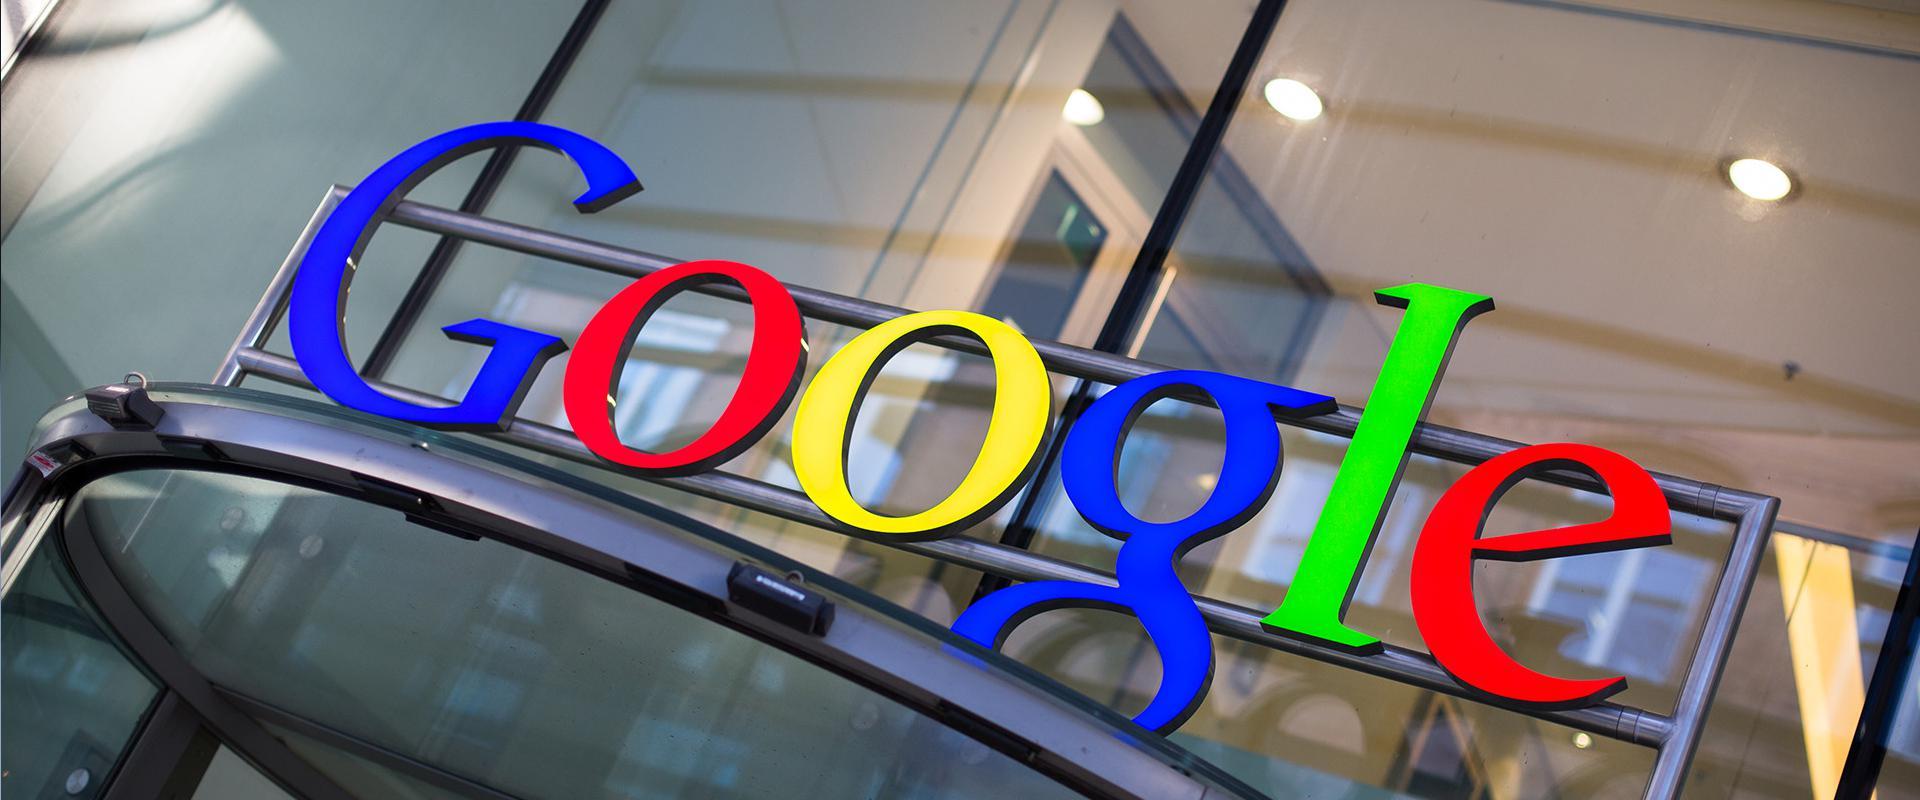 Google Trumpu odgovorio da ne namještaju rezultate pretrage